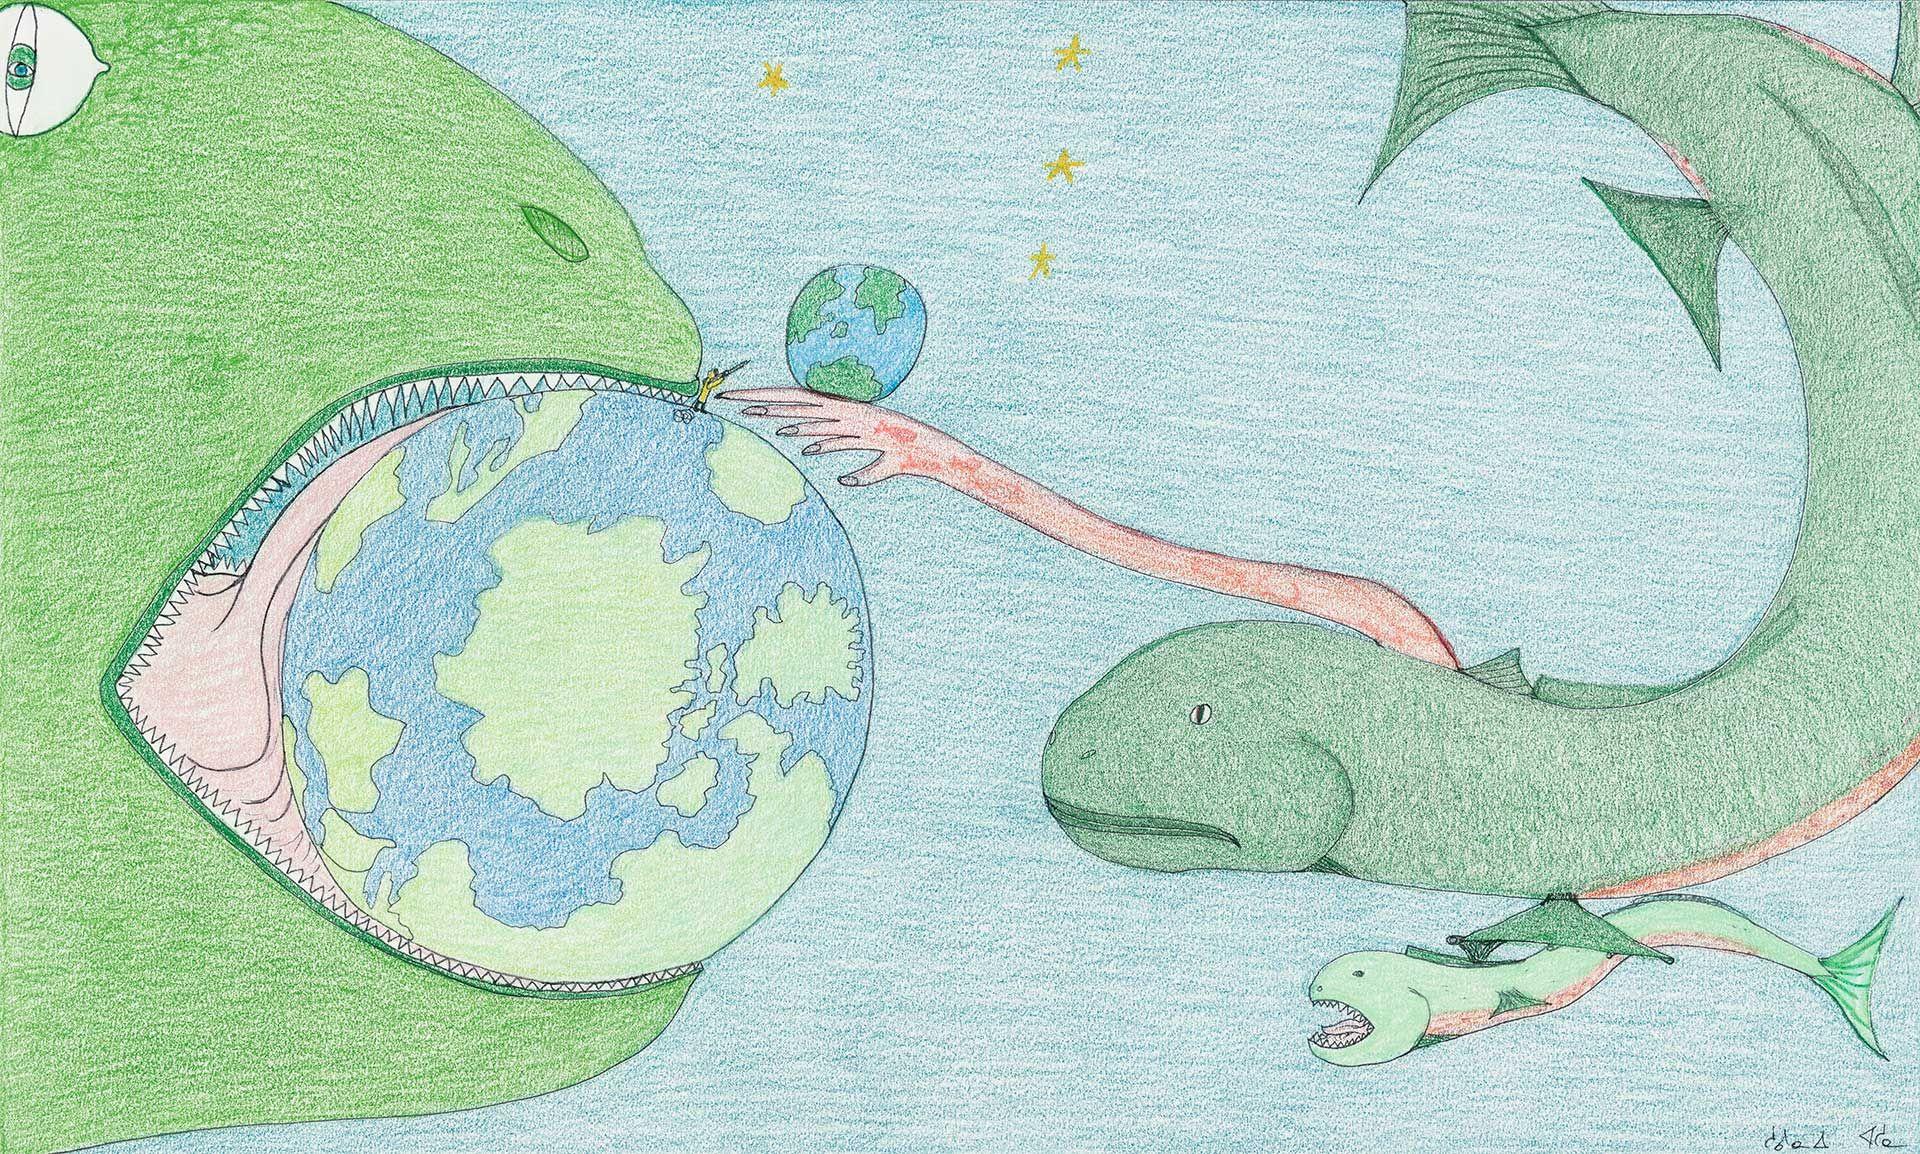 Oeuvre de Shuvinai Ashoona, Composition (Monstre mangeant le Monde), 2018, crayon de couleur, crayon feutre, 38,3 x 58,8 cm. MBAM, achat, legs Mary Eccles. Photo MBAM, Christine Guest